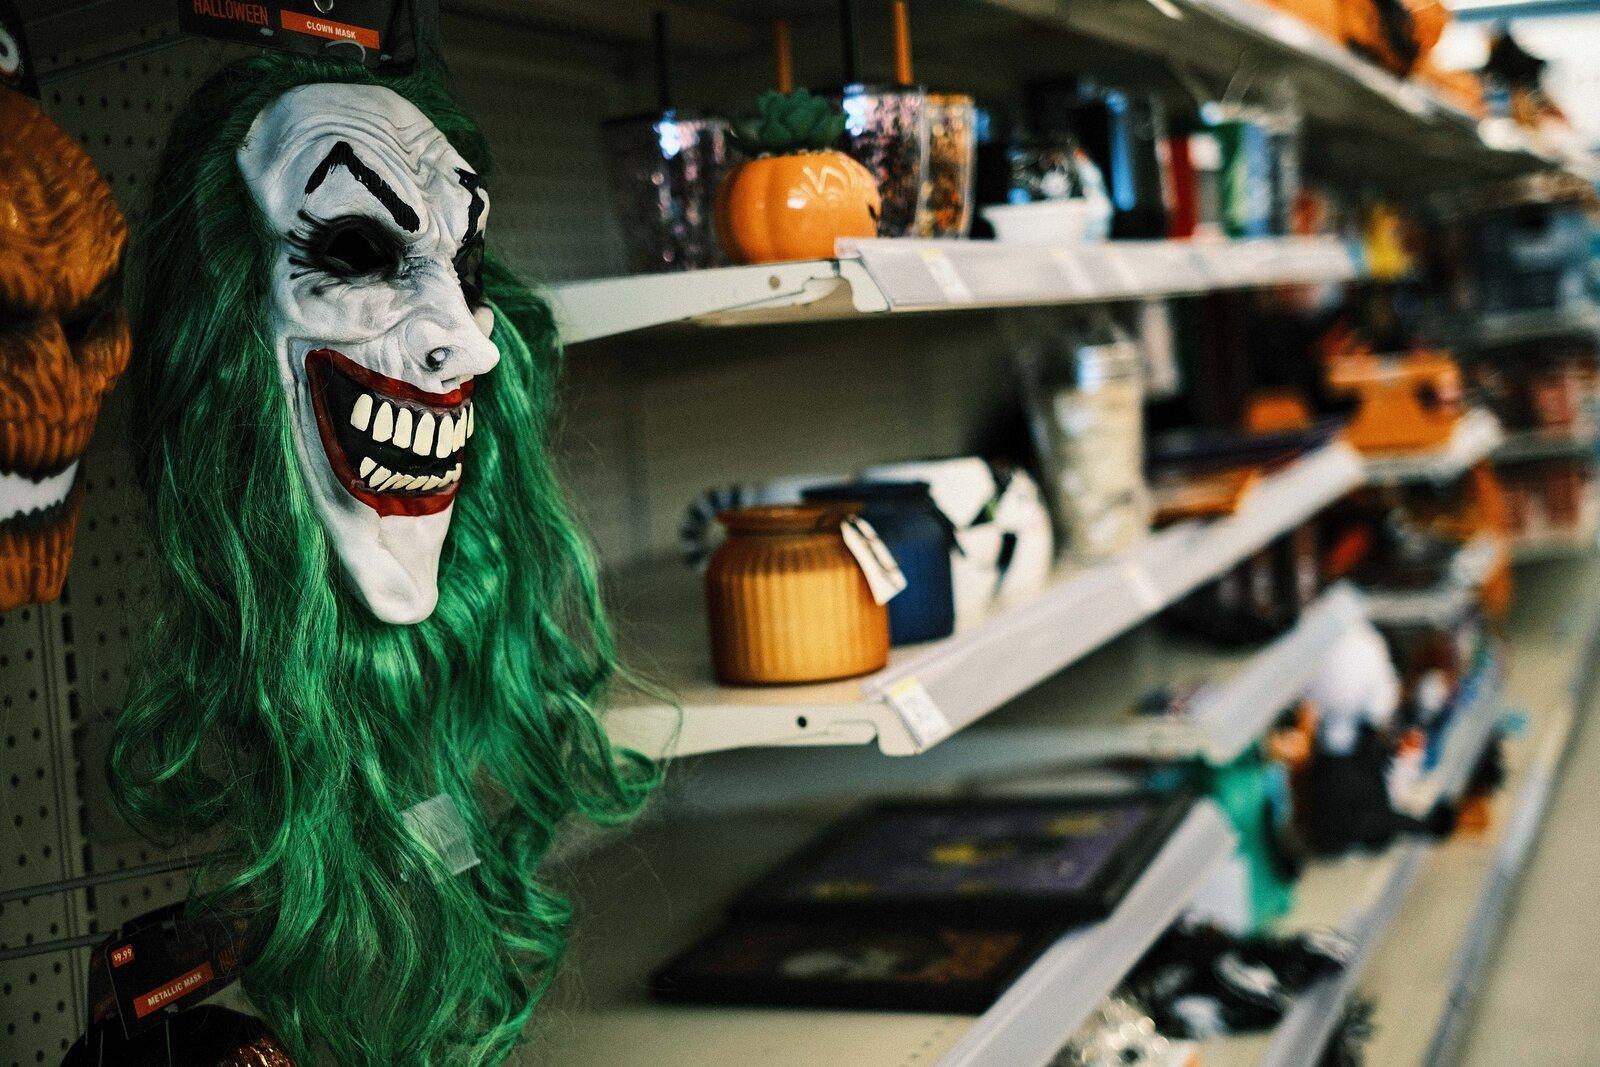 XPro3_Oct7_21_Joker_mask_drugstore.jpg